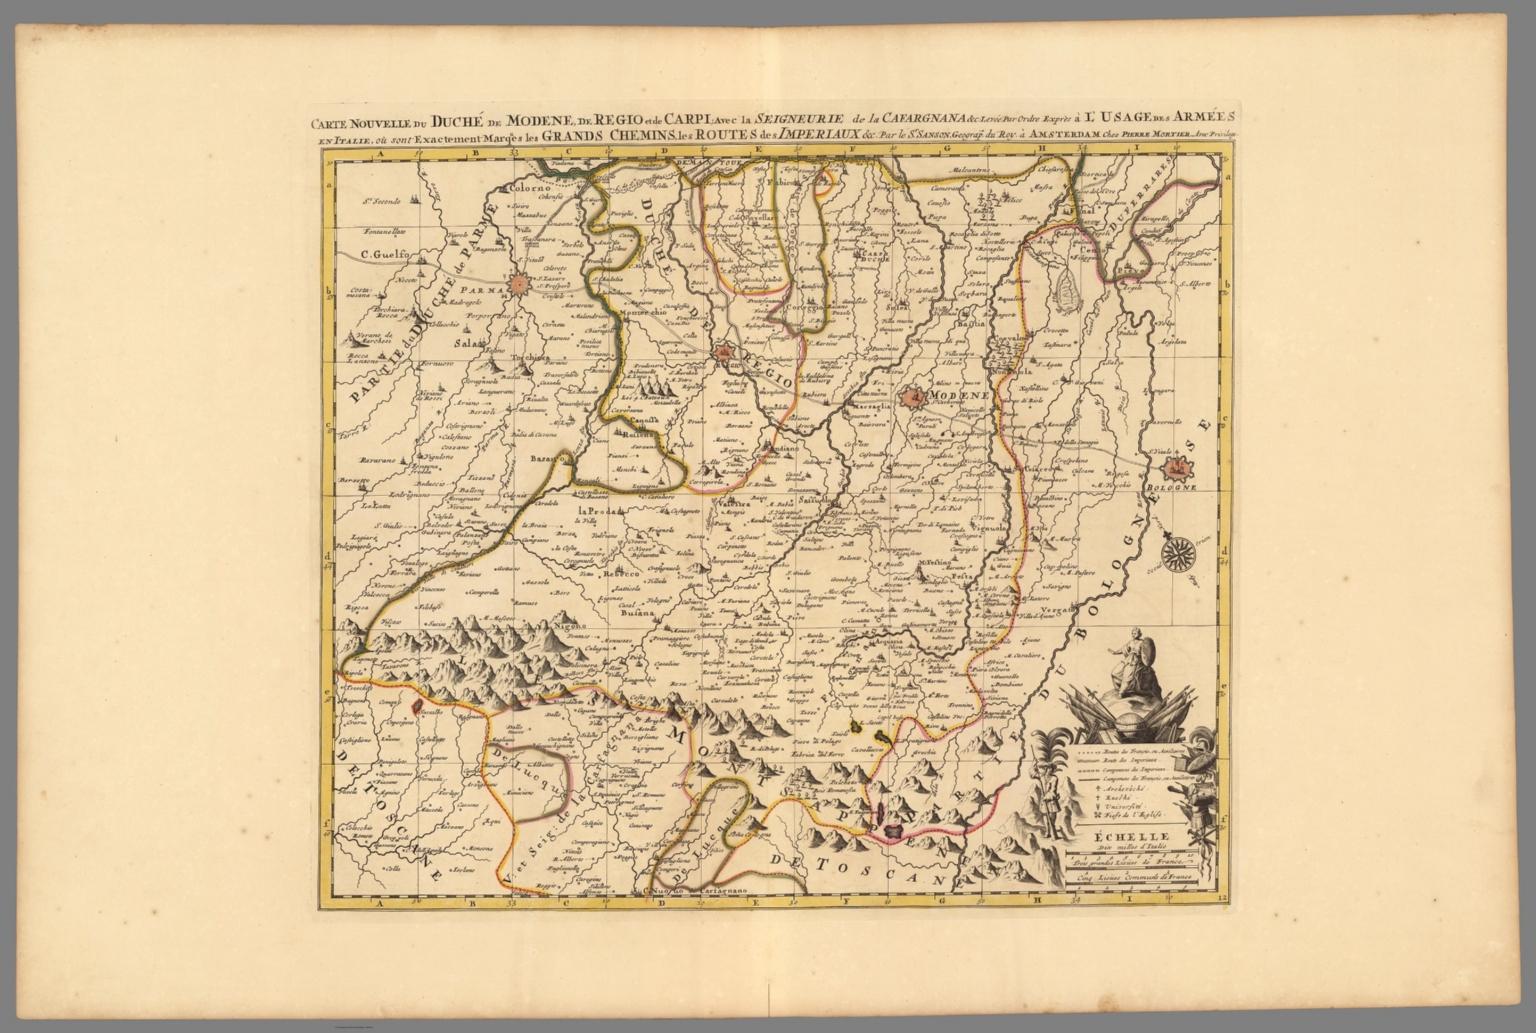 Carte Nouvelle du Duche de Modene de Regio et de Carpi David